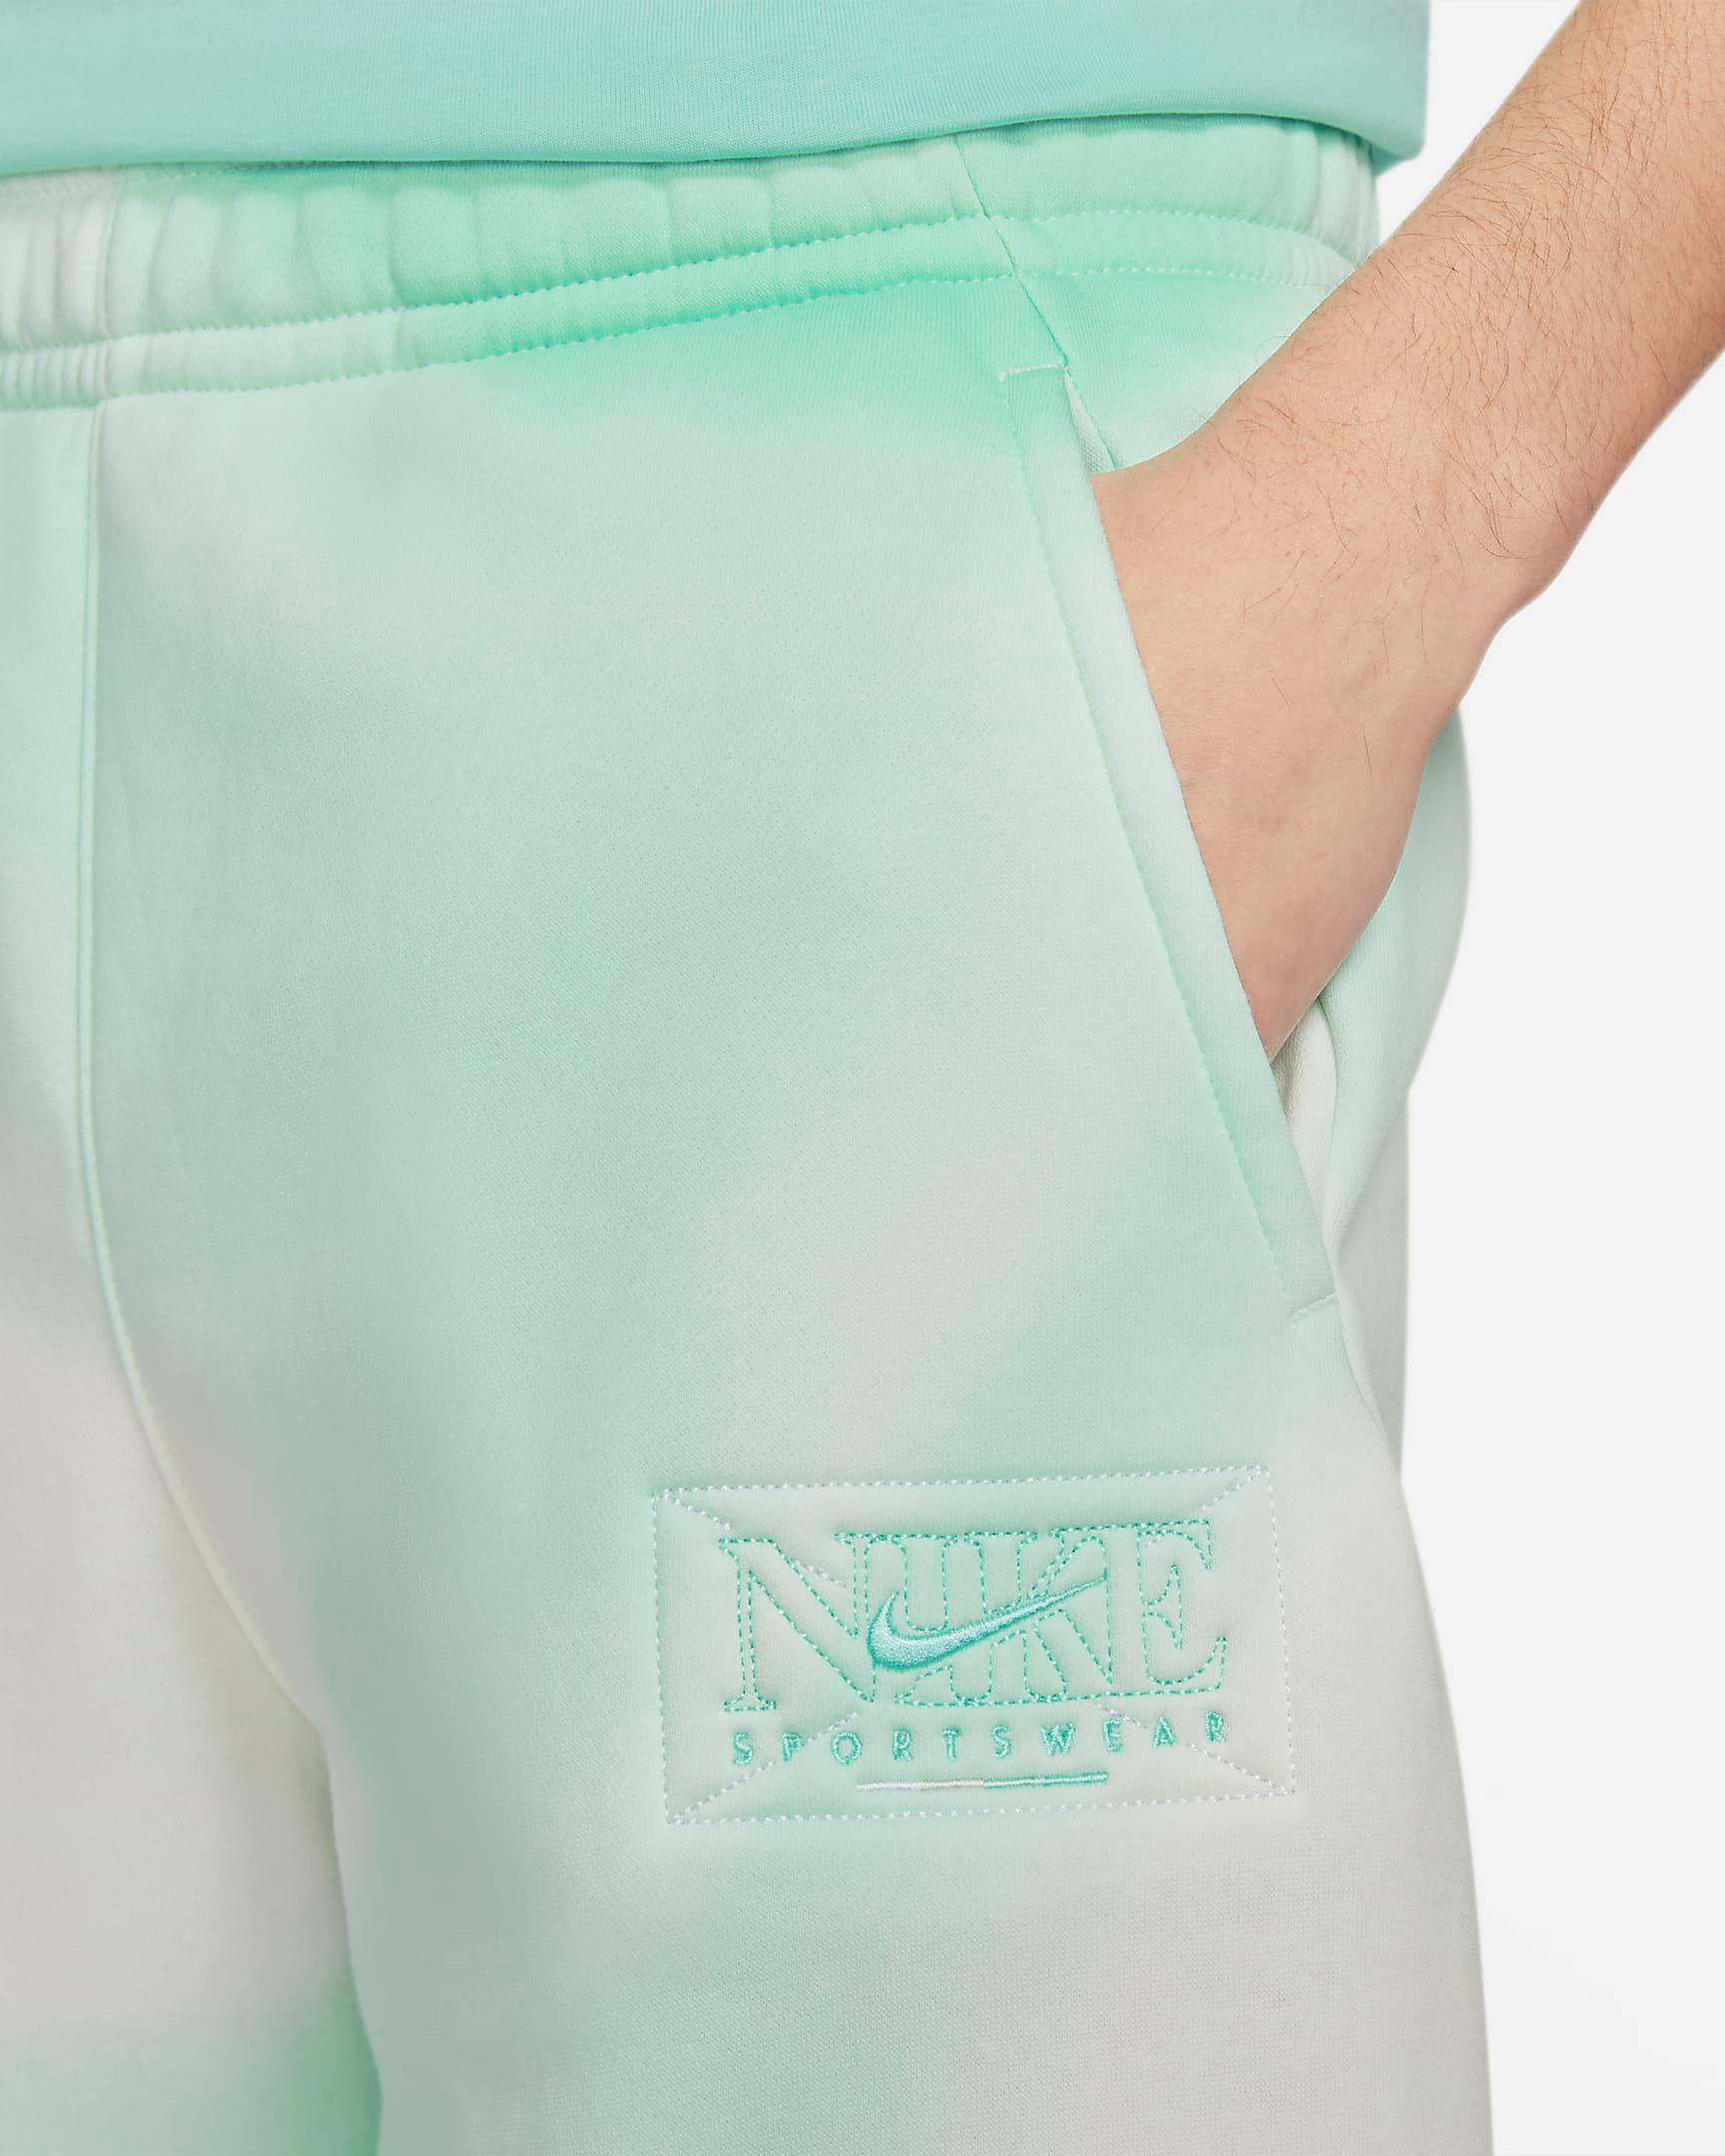 nike-sportswear-club-fleece-tropical-twist-printed-shorts-2